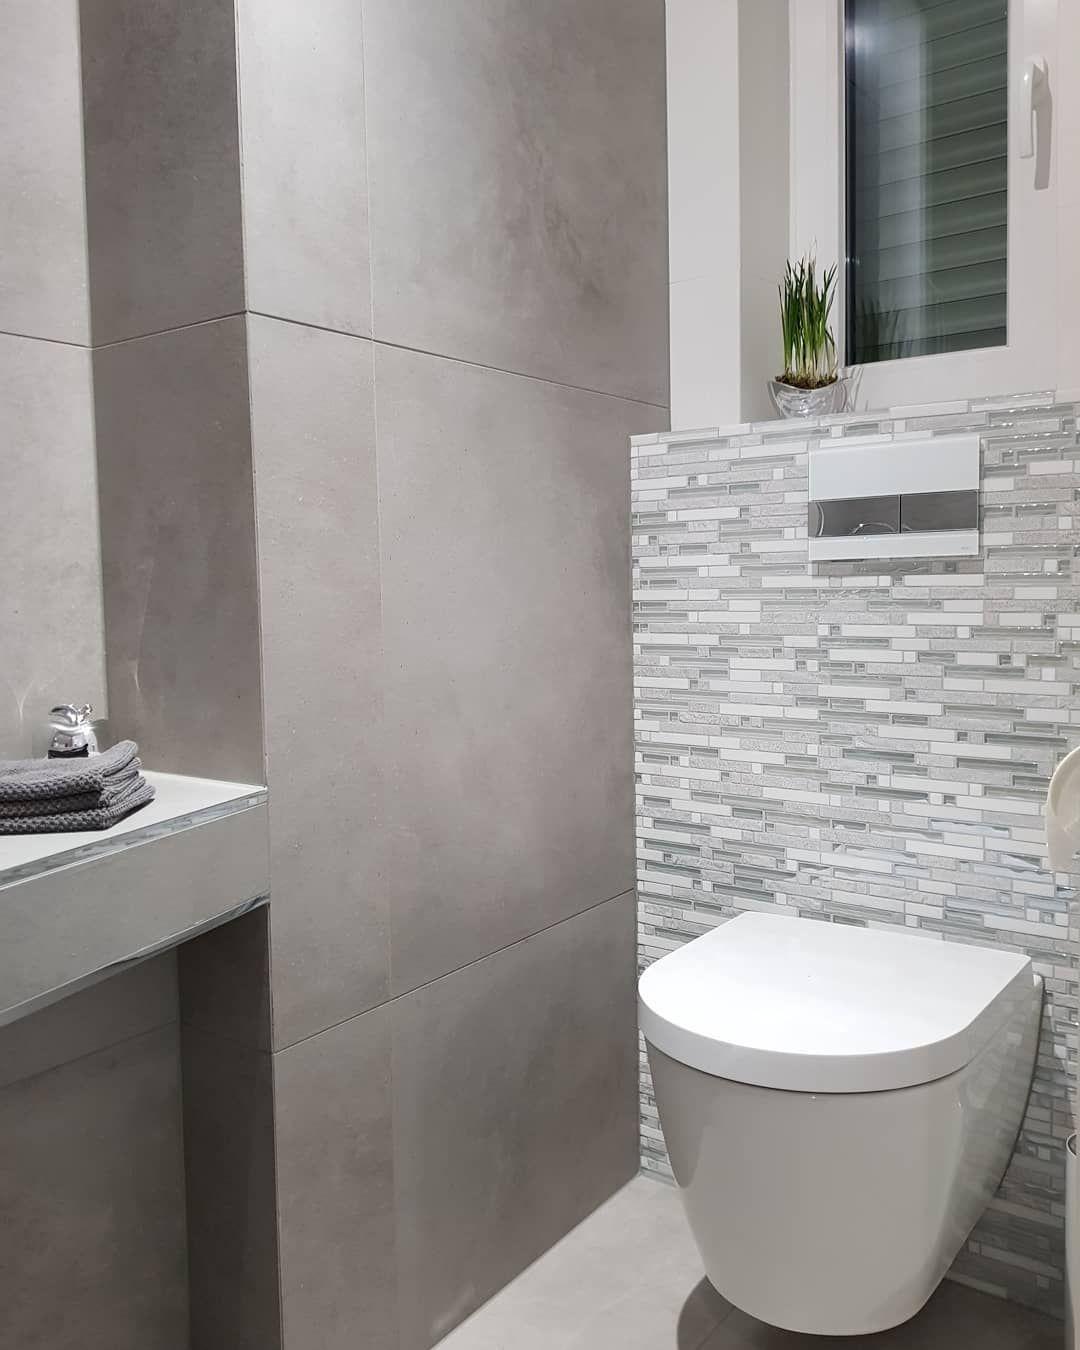 Pin von Elena Brill auf bad mit sauna in 19  Badezimmer mosaik